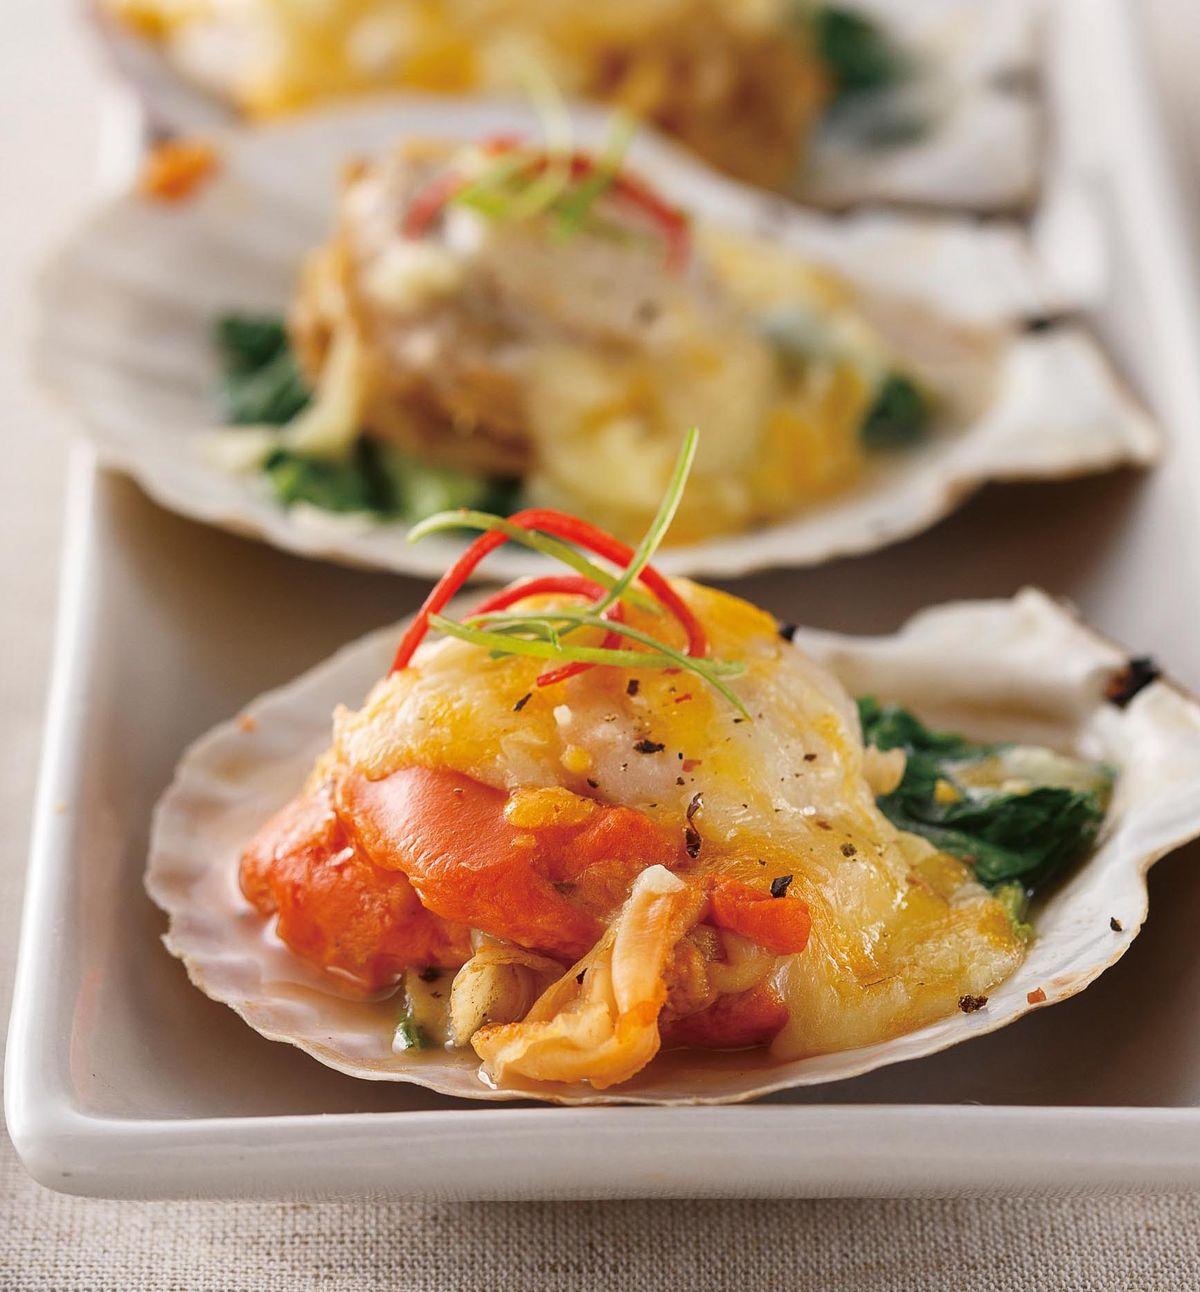 食譜:起司菠菜烤扇貝